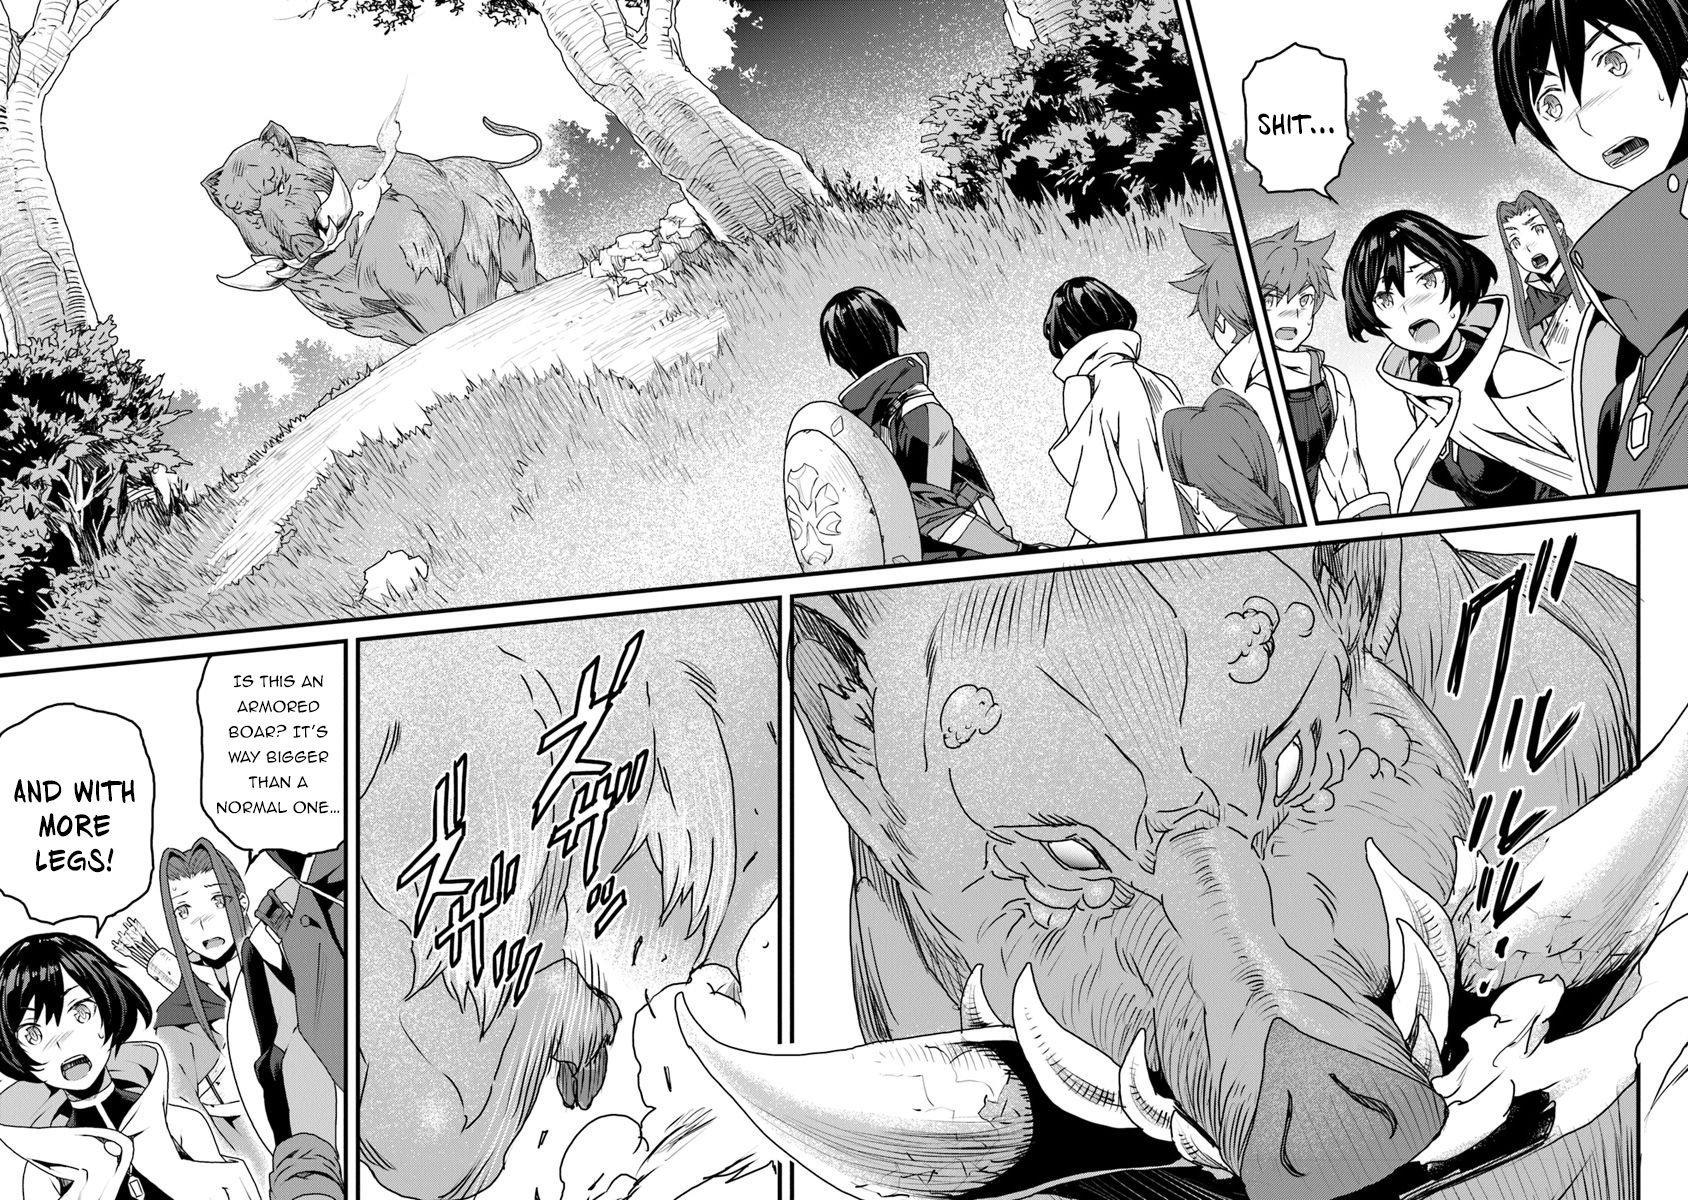 Manga Yakudatazu Skill ni Jinsei o Sosogikomi 25-nen, Imasara Saikyou no Boukentan Midori Kashi no Akira - Chapter 9 Page 11